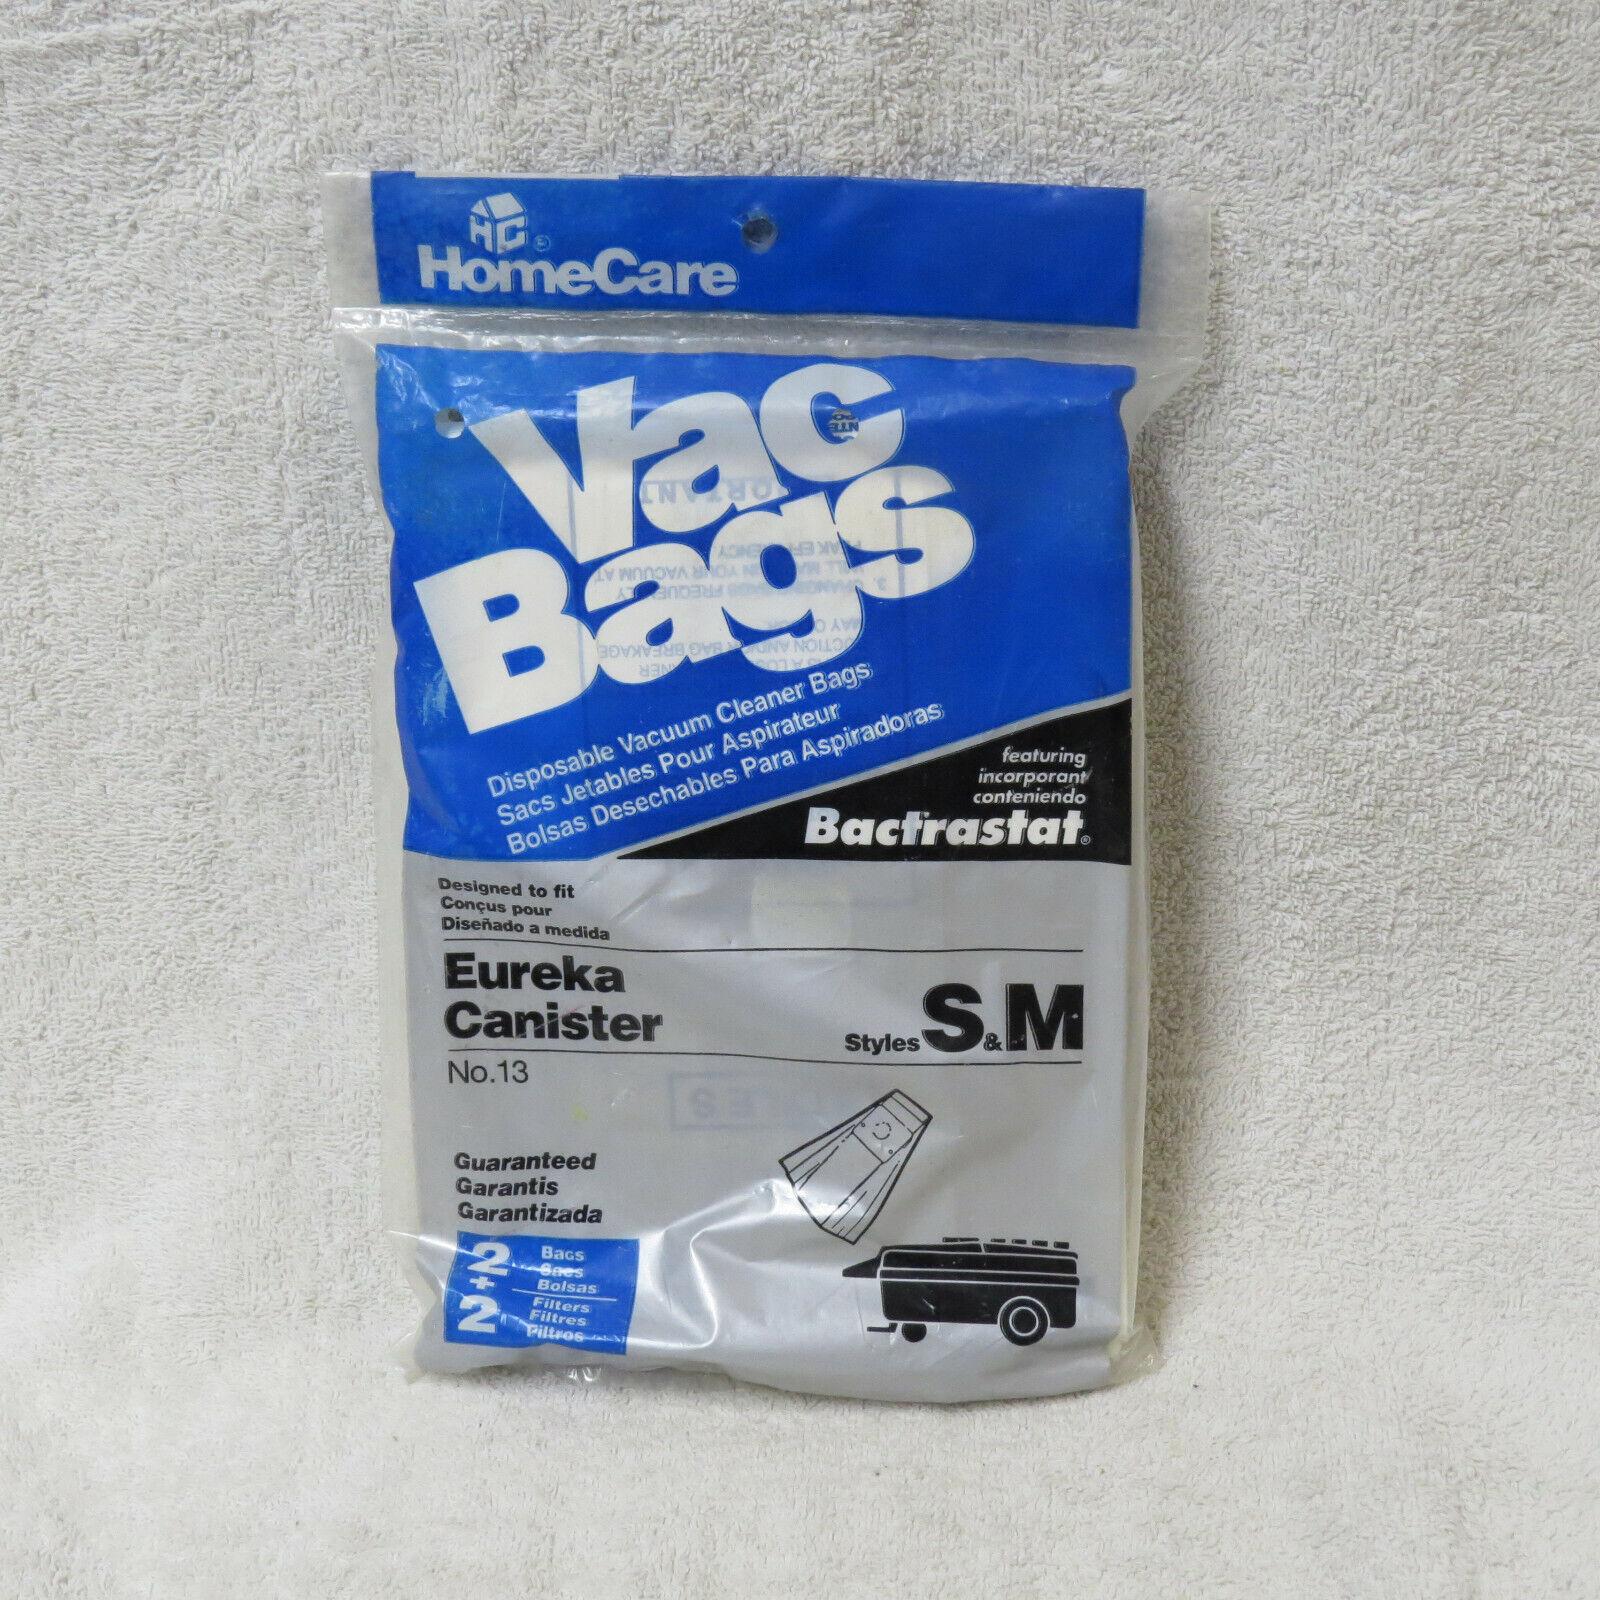 NEW - HomeCare Eureka S & M Vacuum Bags, 2 Bags/Filters/Pack